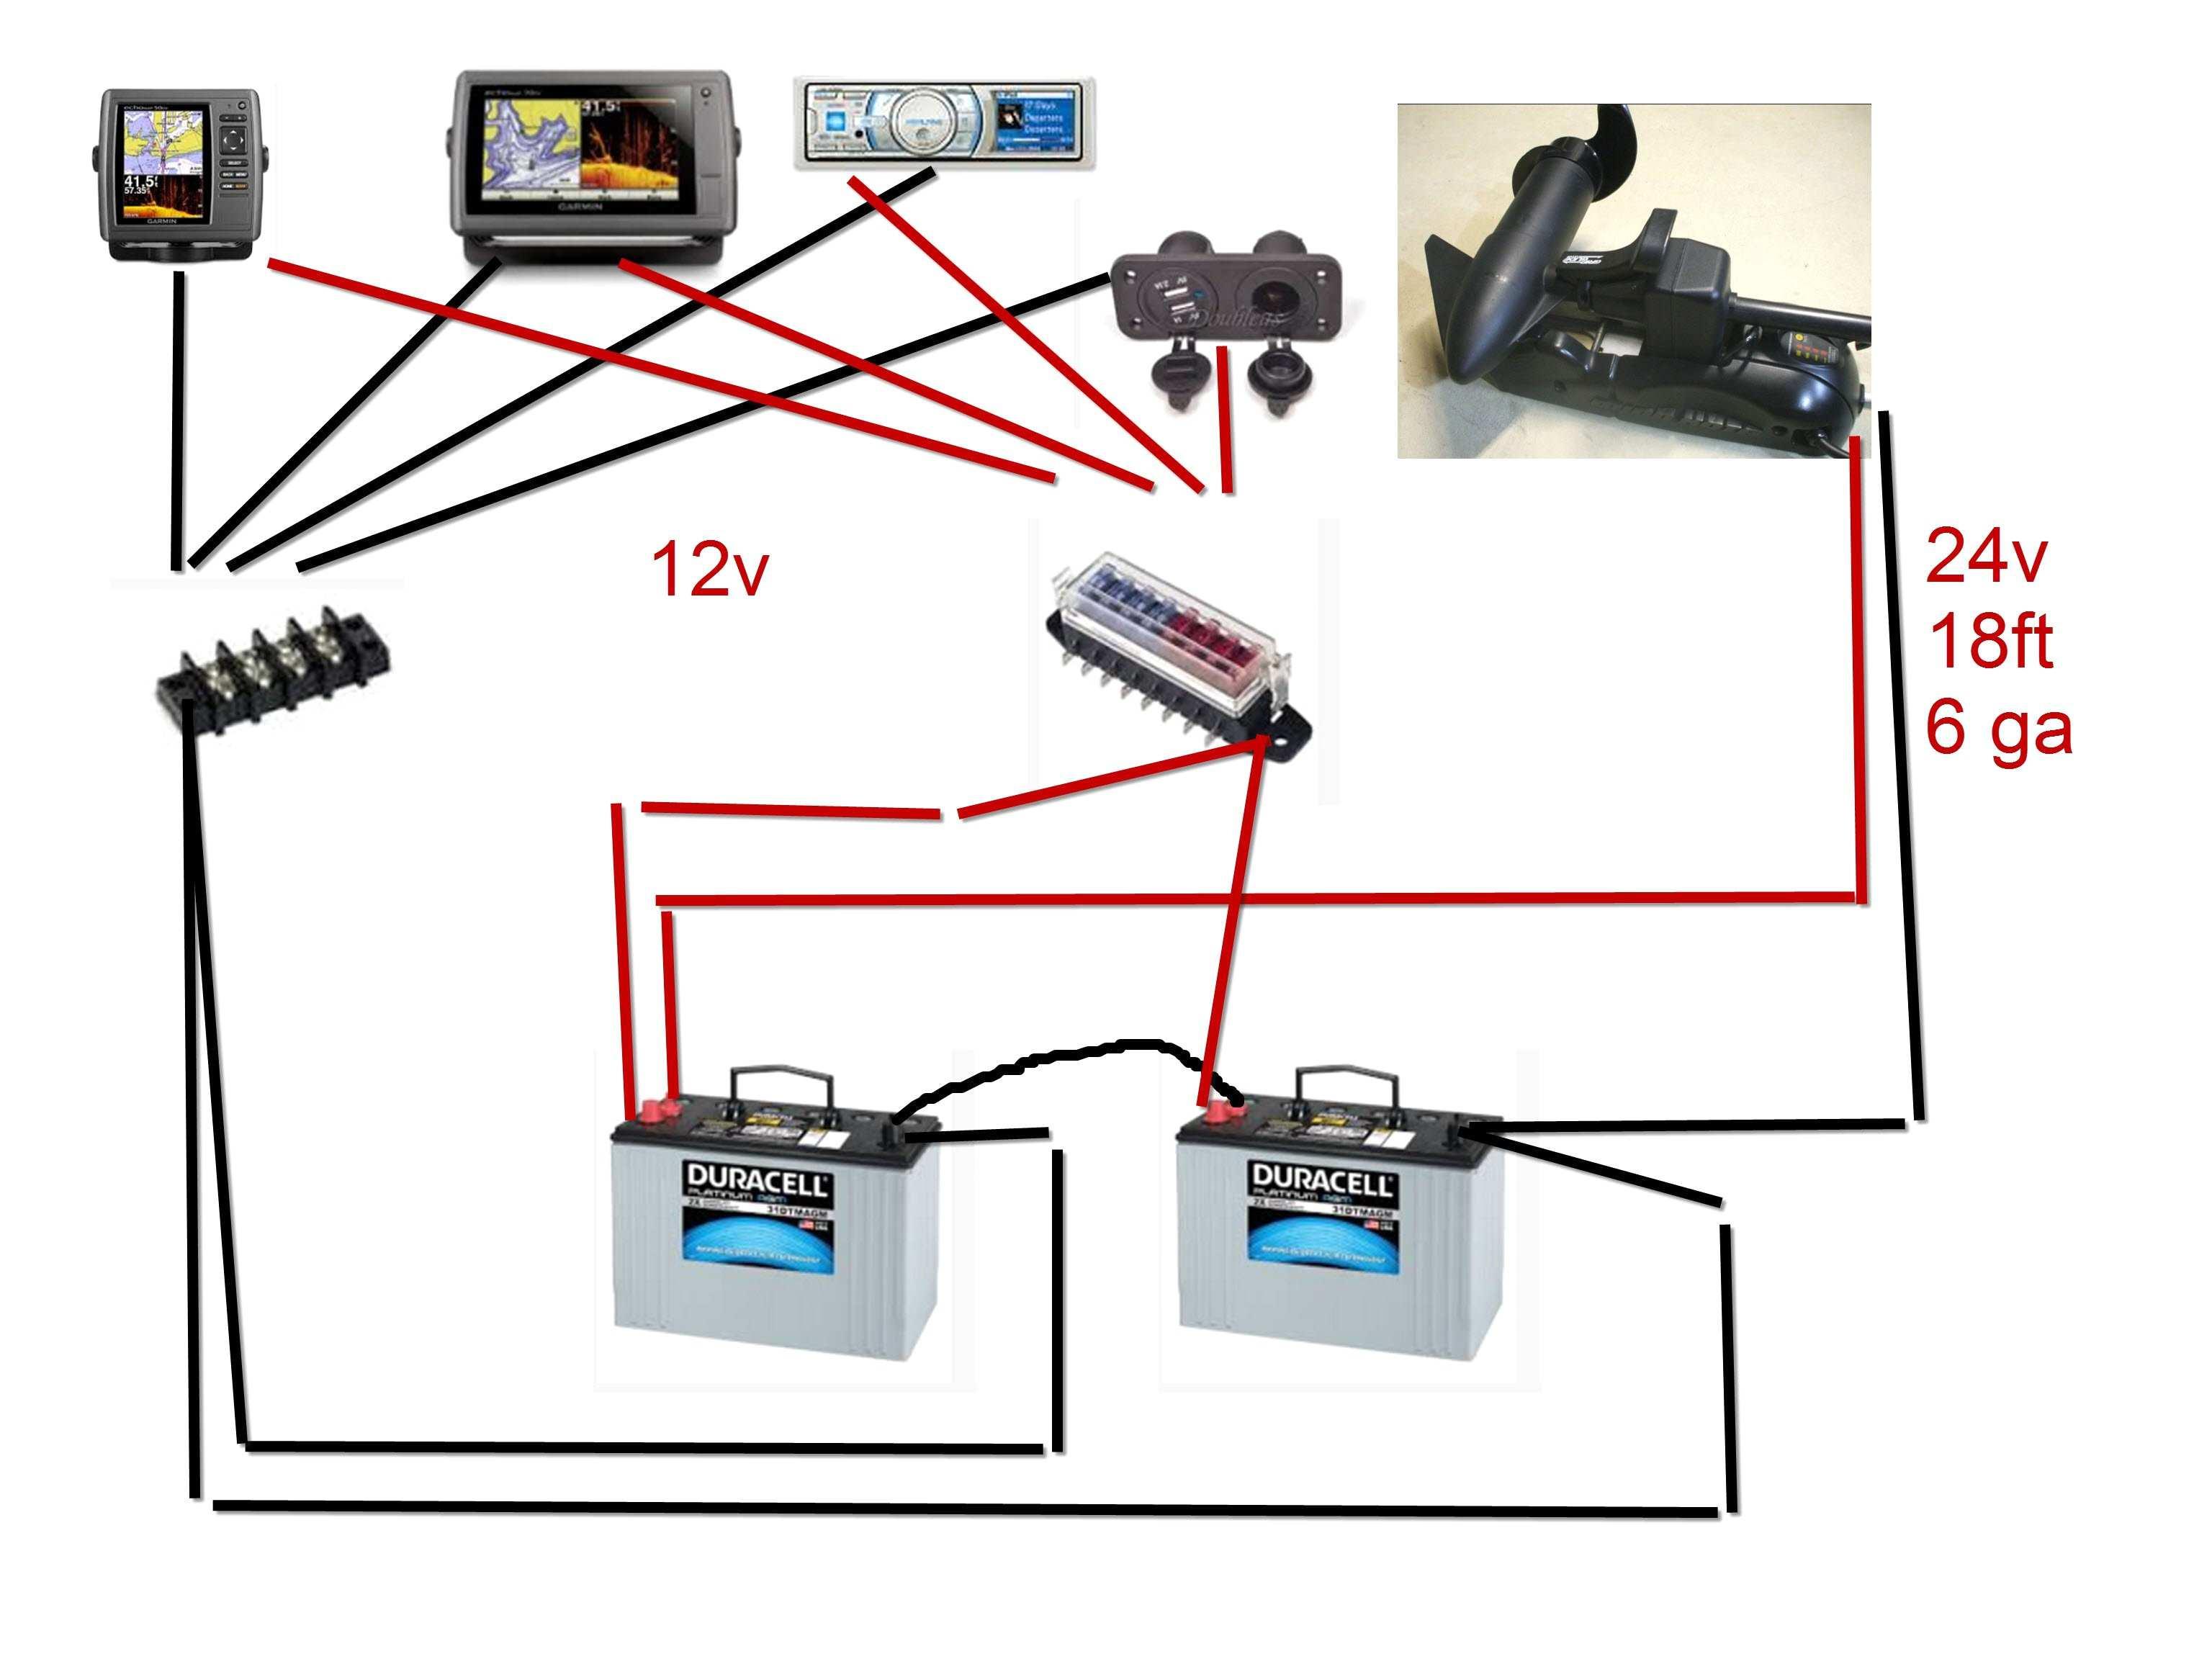 12v trolling motor wiring diagram Download-12v Trolling Motor Wiring Diagram Inspirational Wiring Diagram 12v Trolling Motor Minn Kota 24 In Volt Blurts Me 3-p